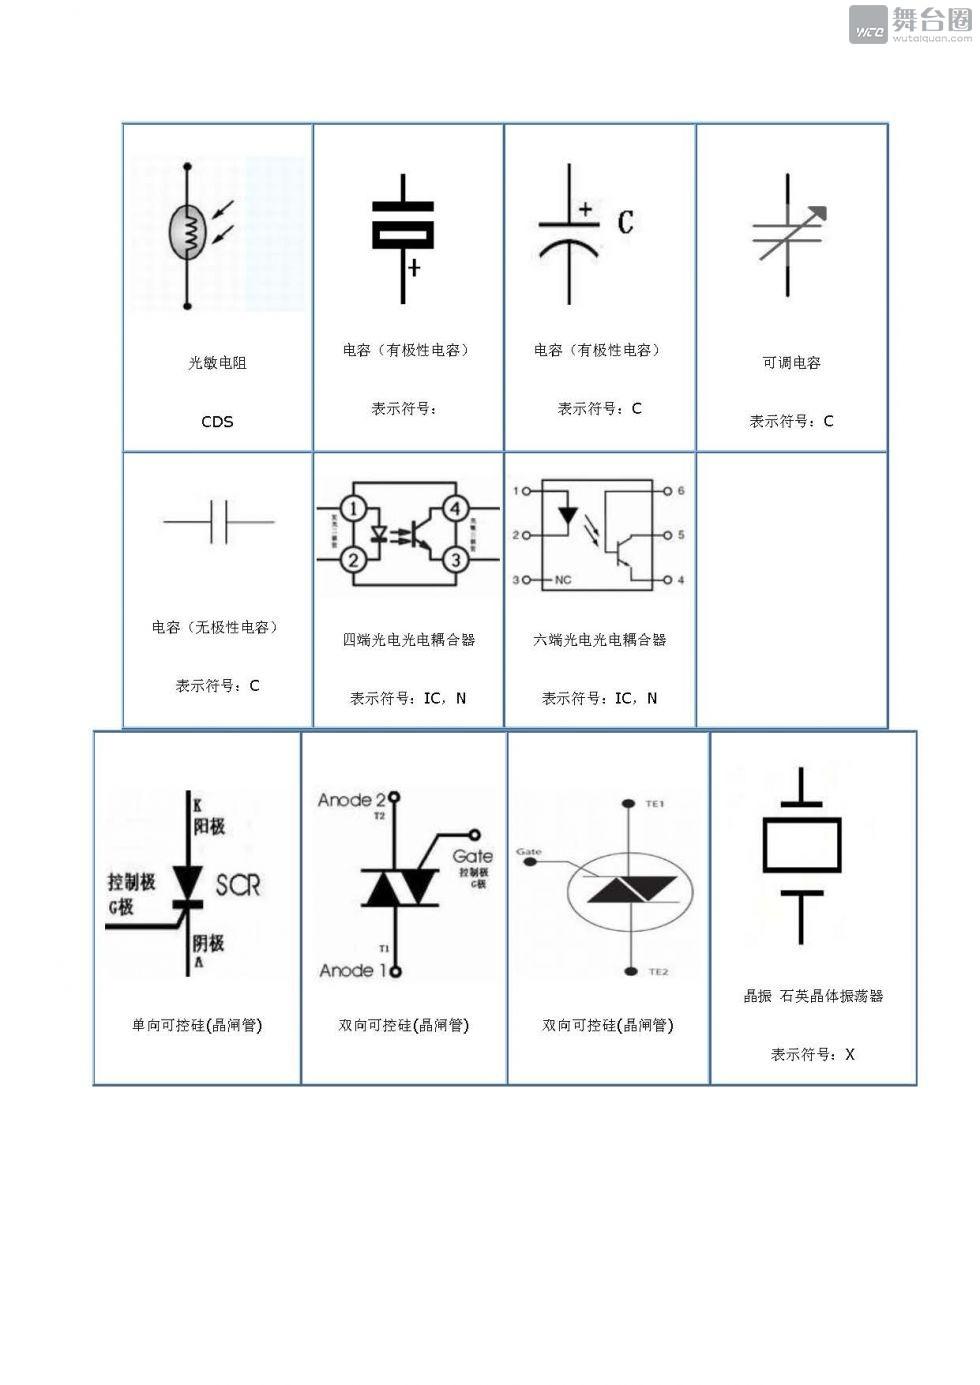 电子元件符号大全_页面_04.jpg